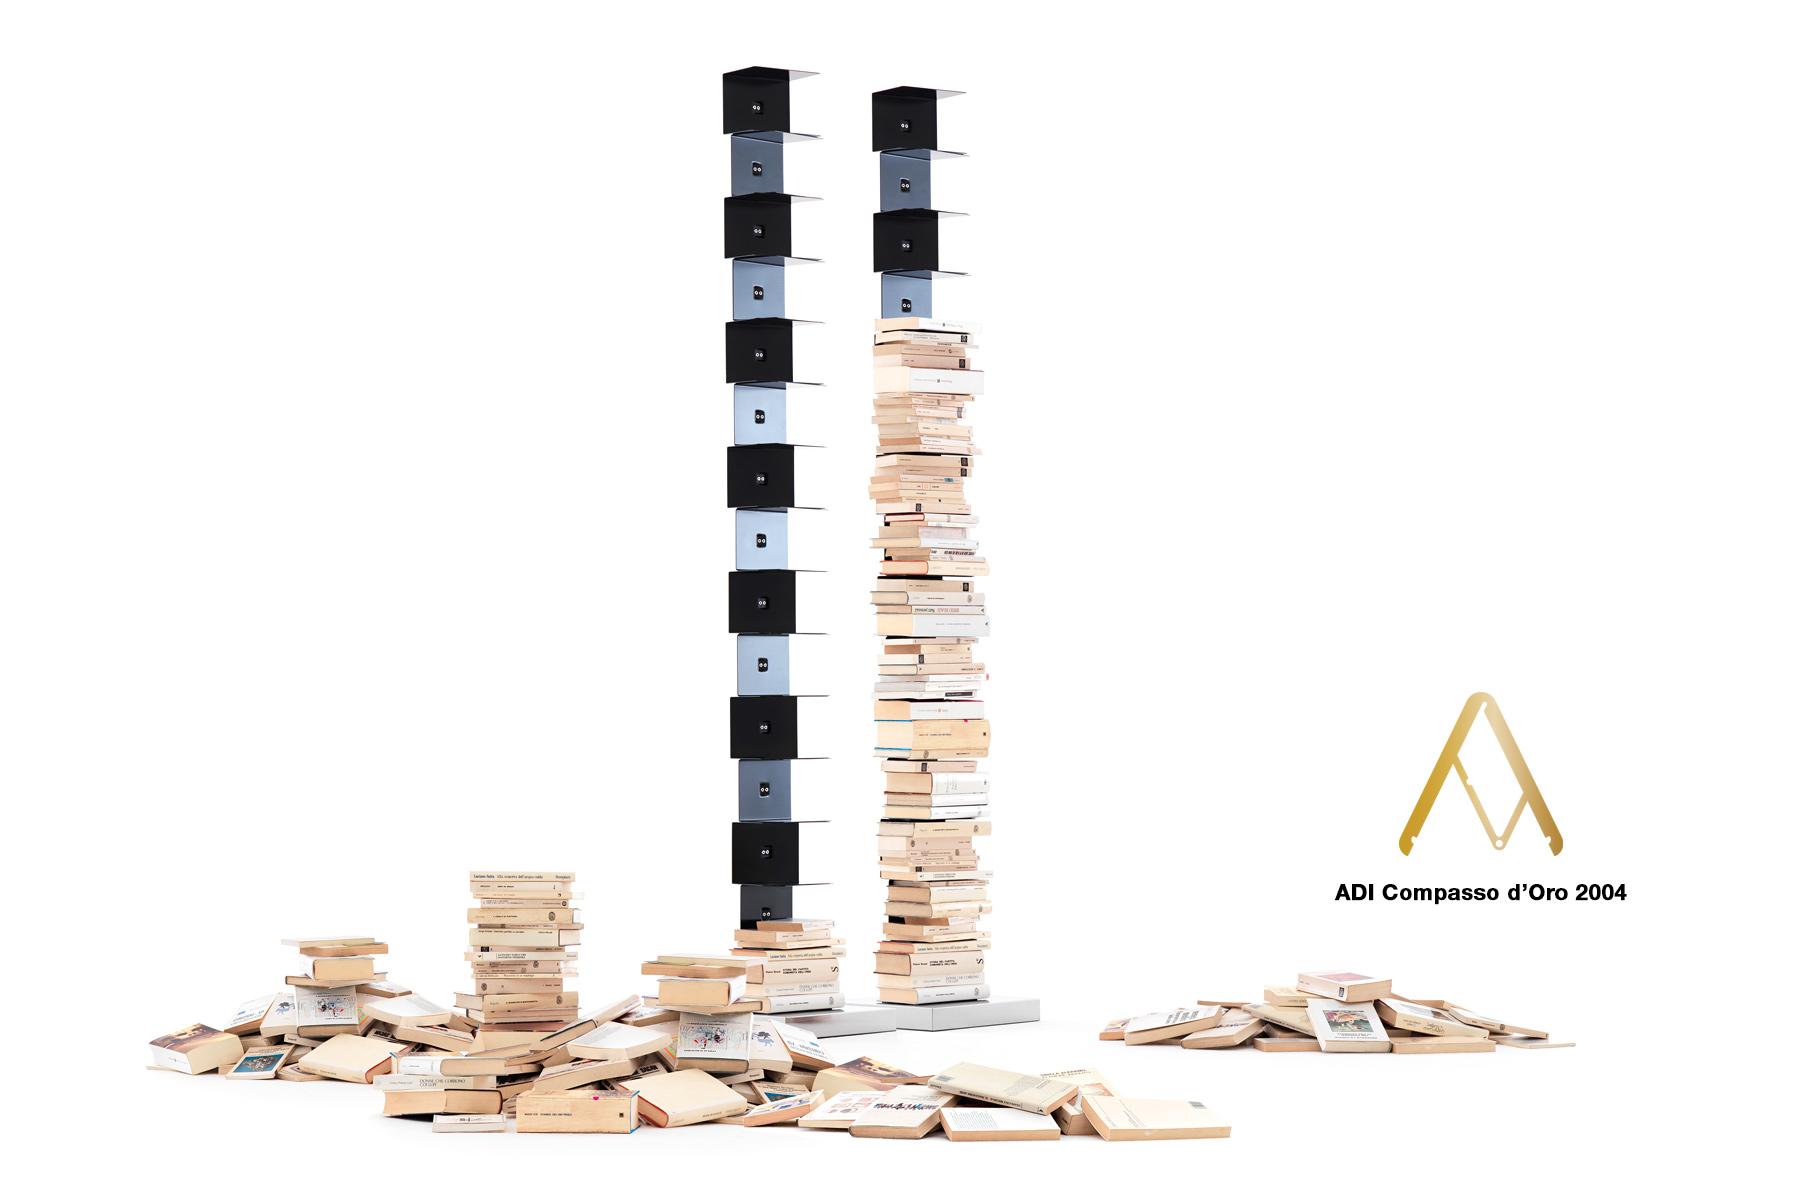 Libreria Verticale In Metallo.Original Ptolomeo Opinion Ciatti